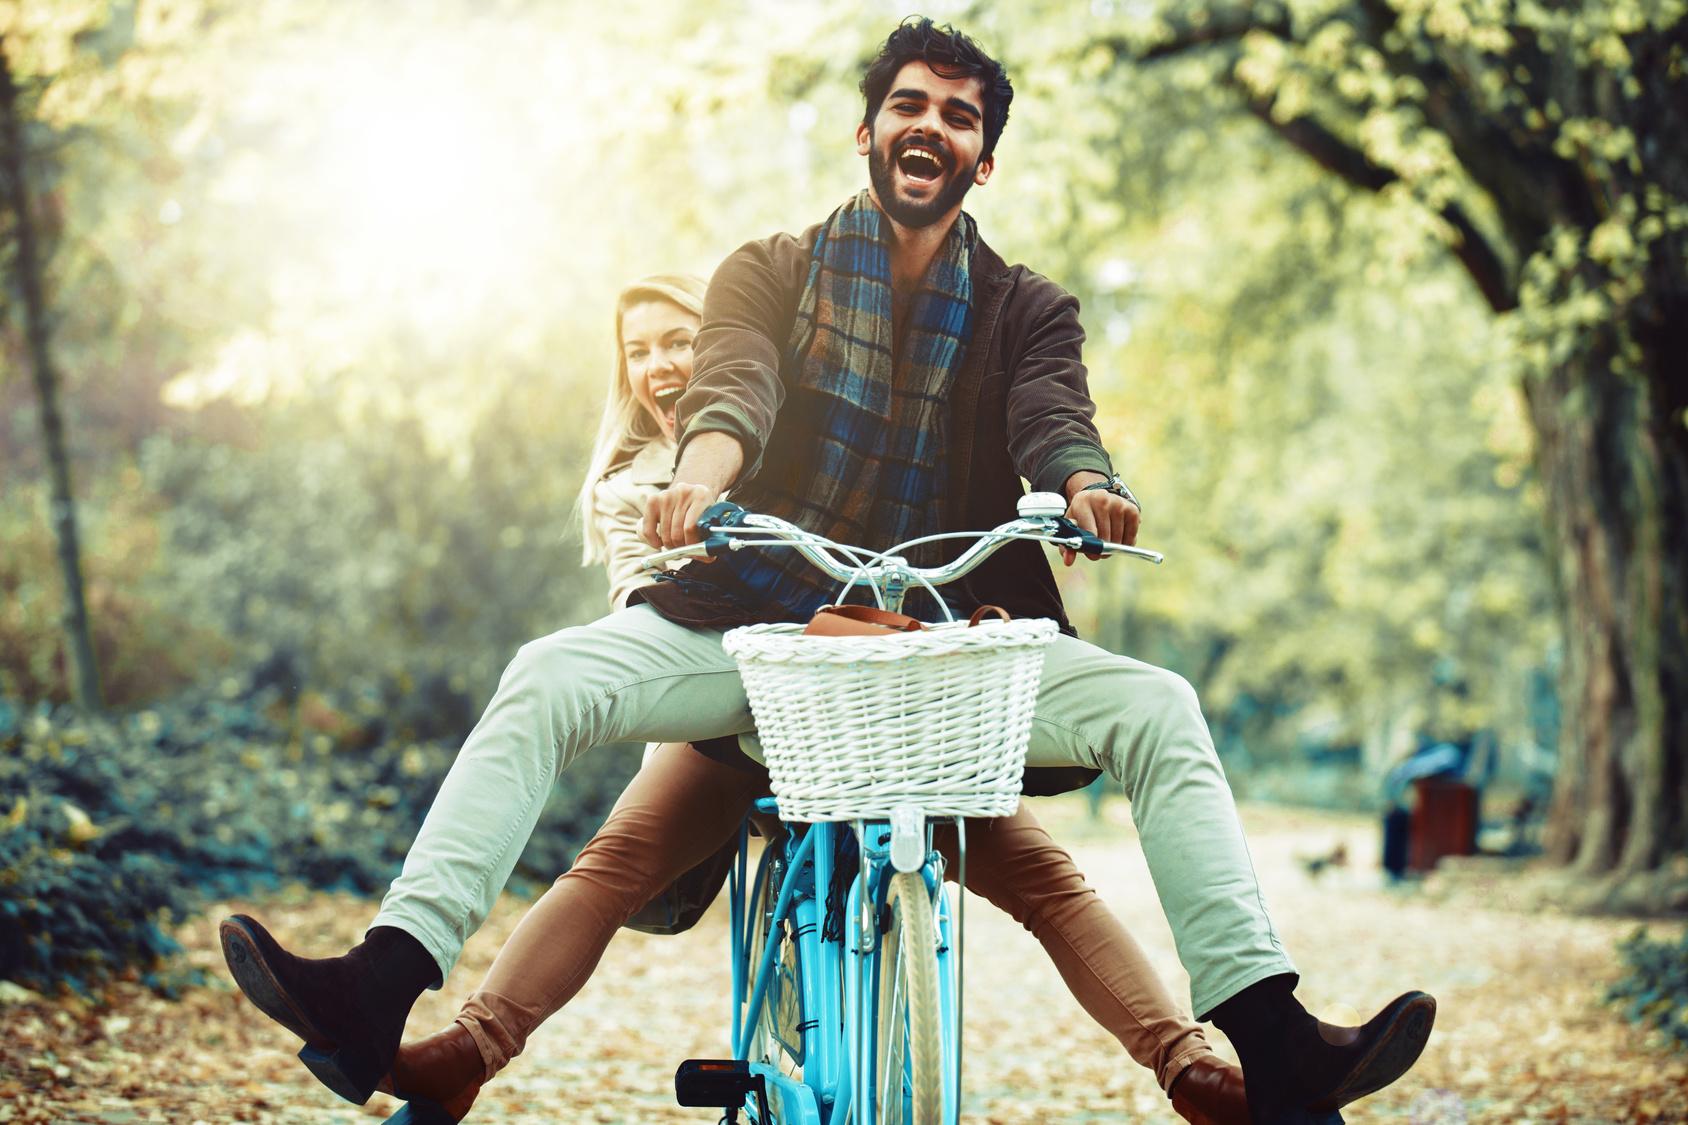 szczęśliwa para na rowerze, zakochana para na rowerze